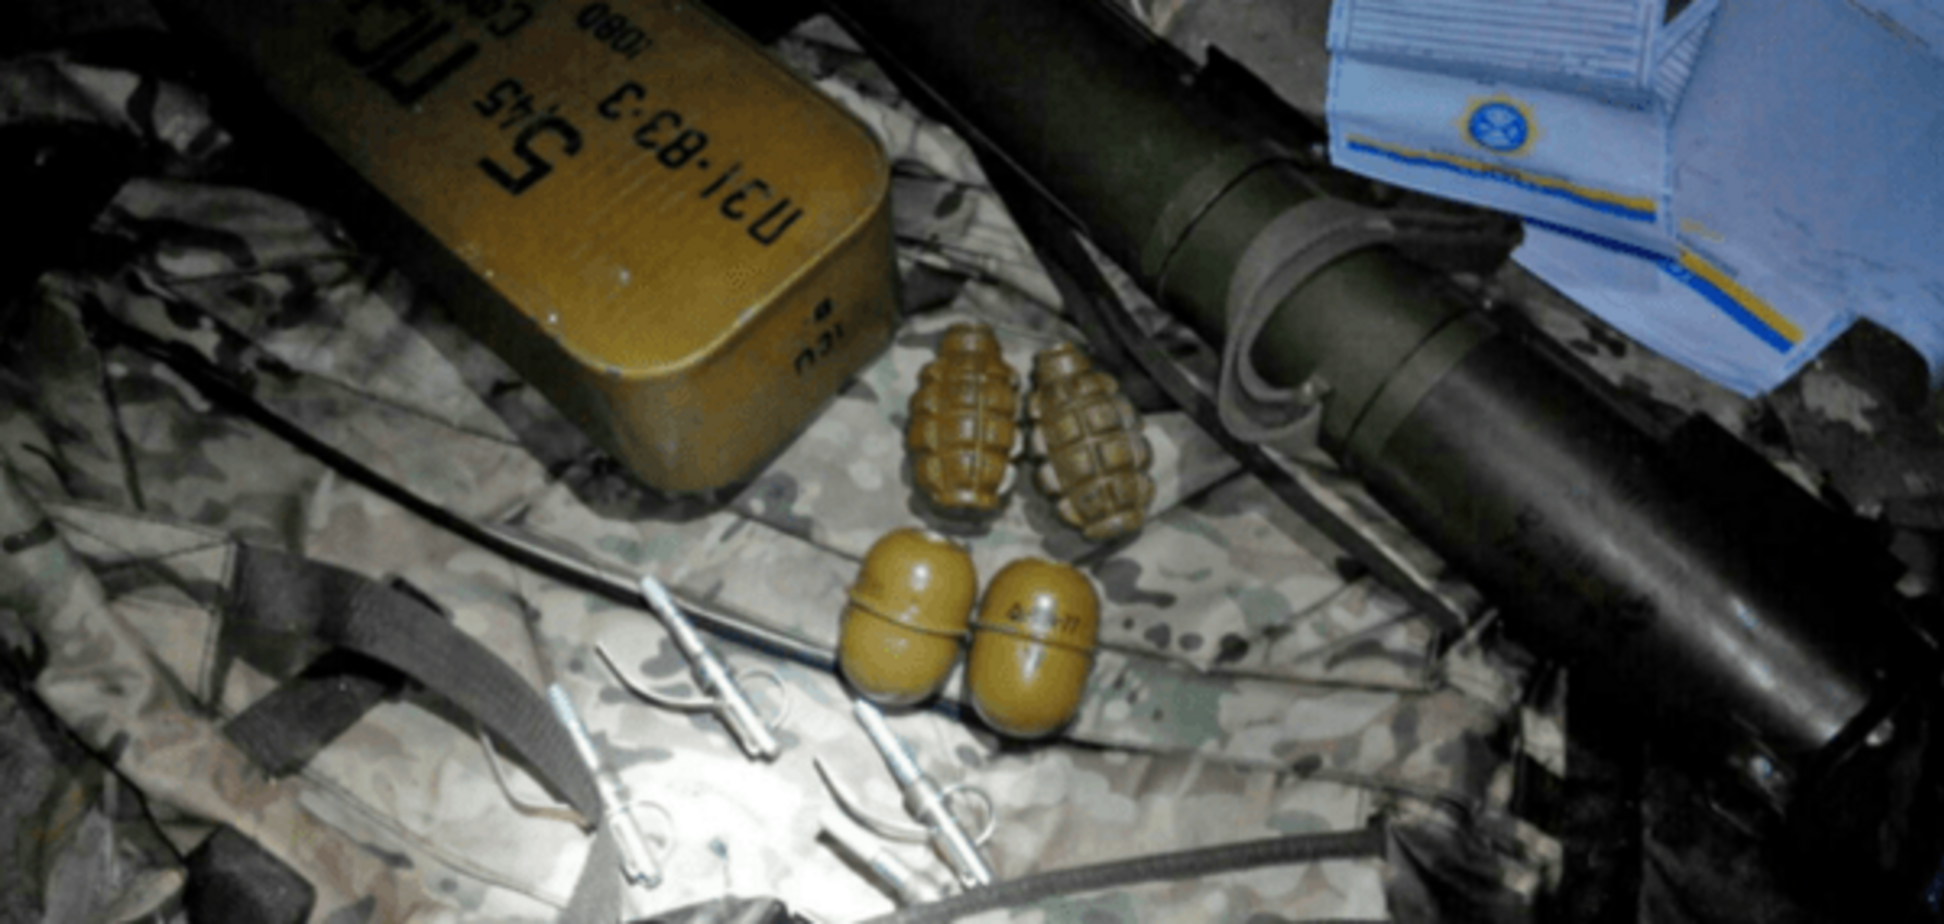 У Харкові знайшли камуфляжну сумку з боєприпасами: опубліковані фото